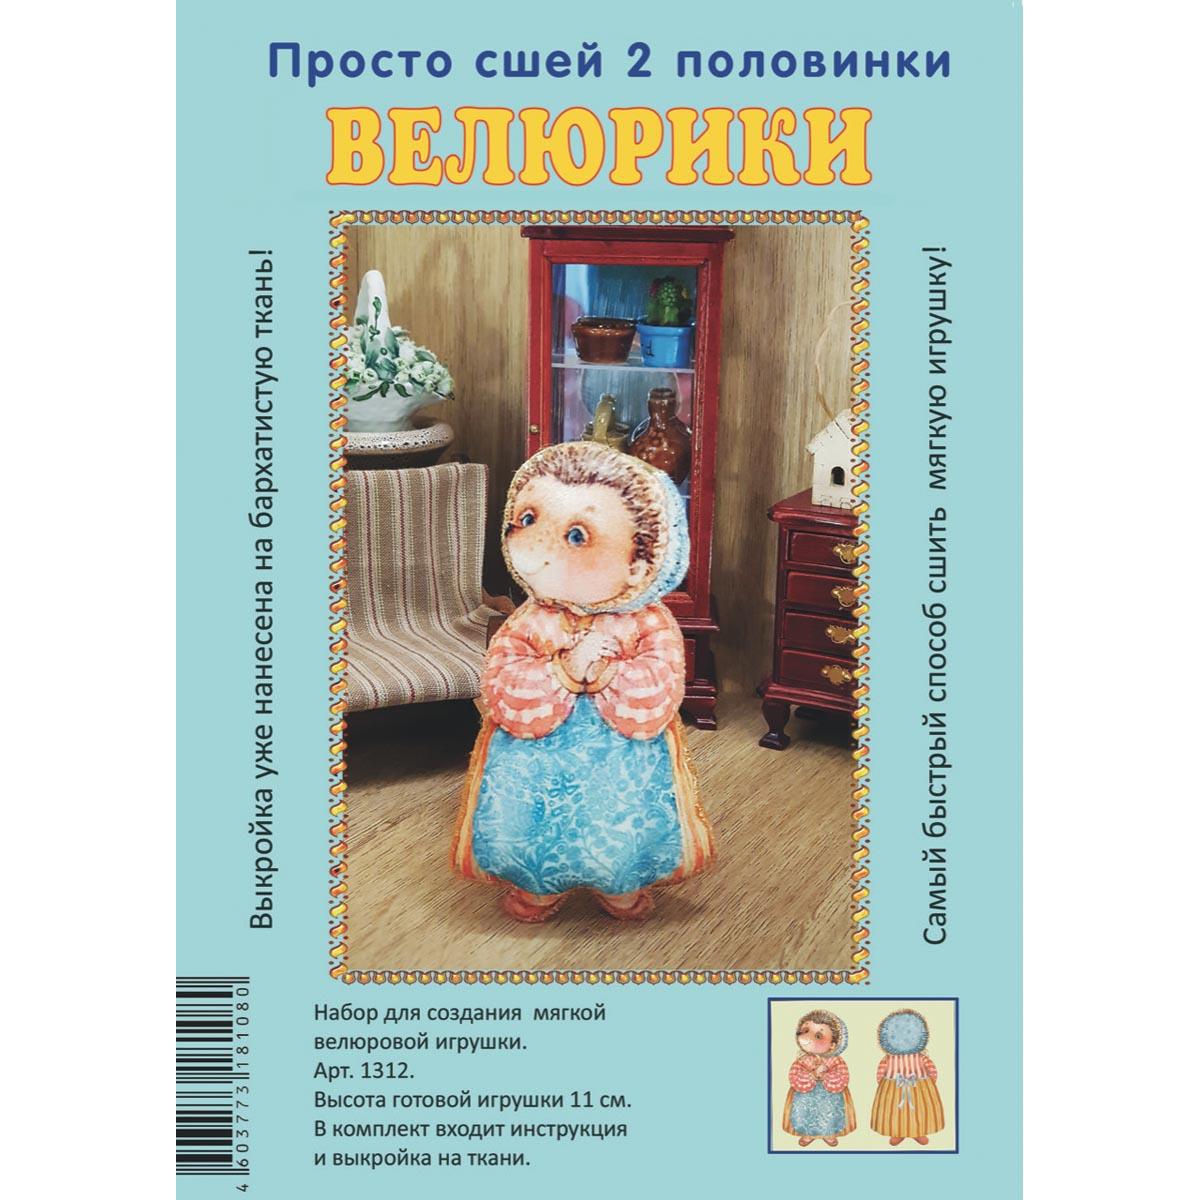 1311 Набор для творчества Велюрики 'Ежиха Альбертина Илларионовна'11см